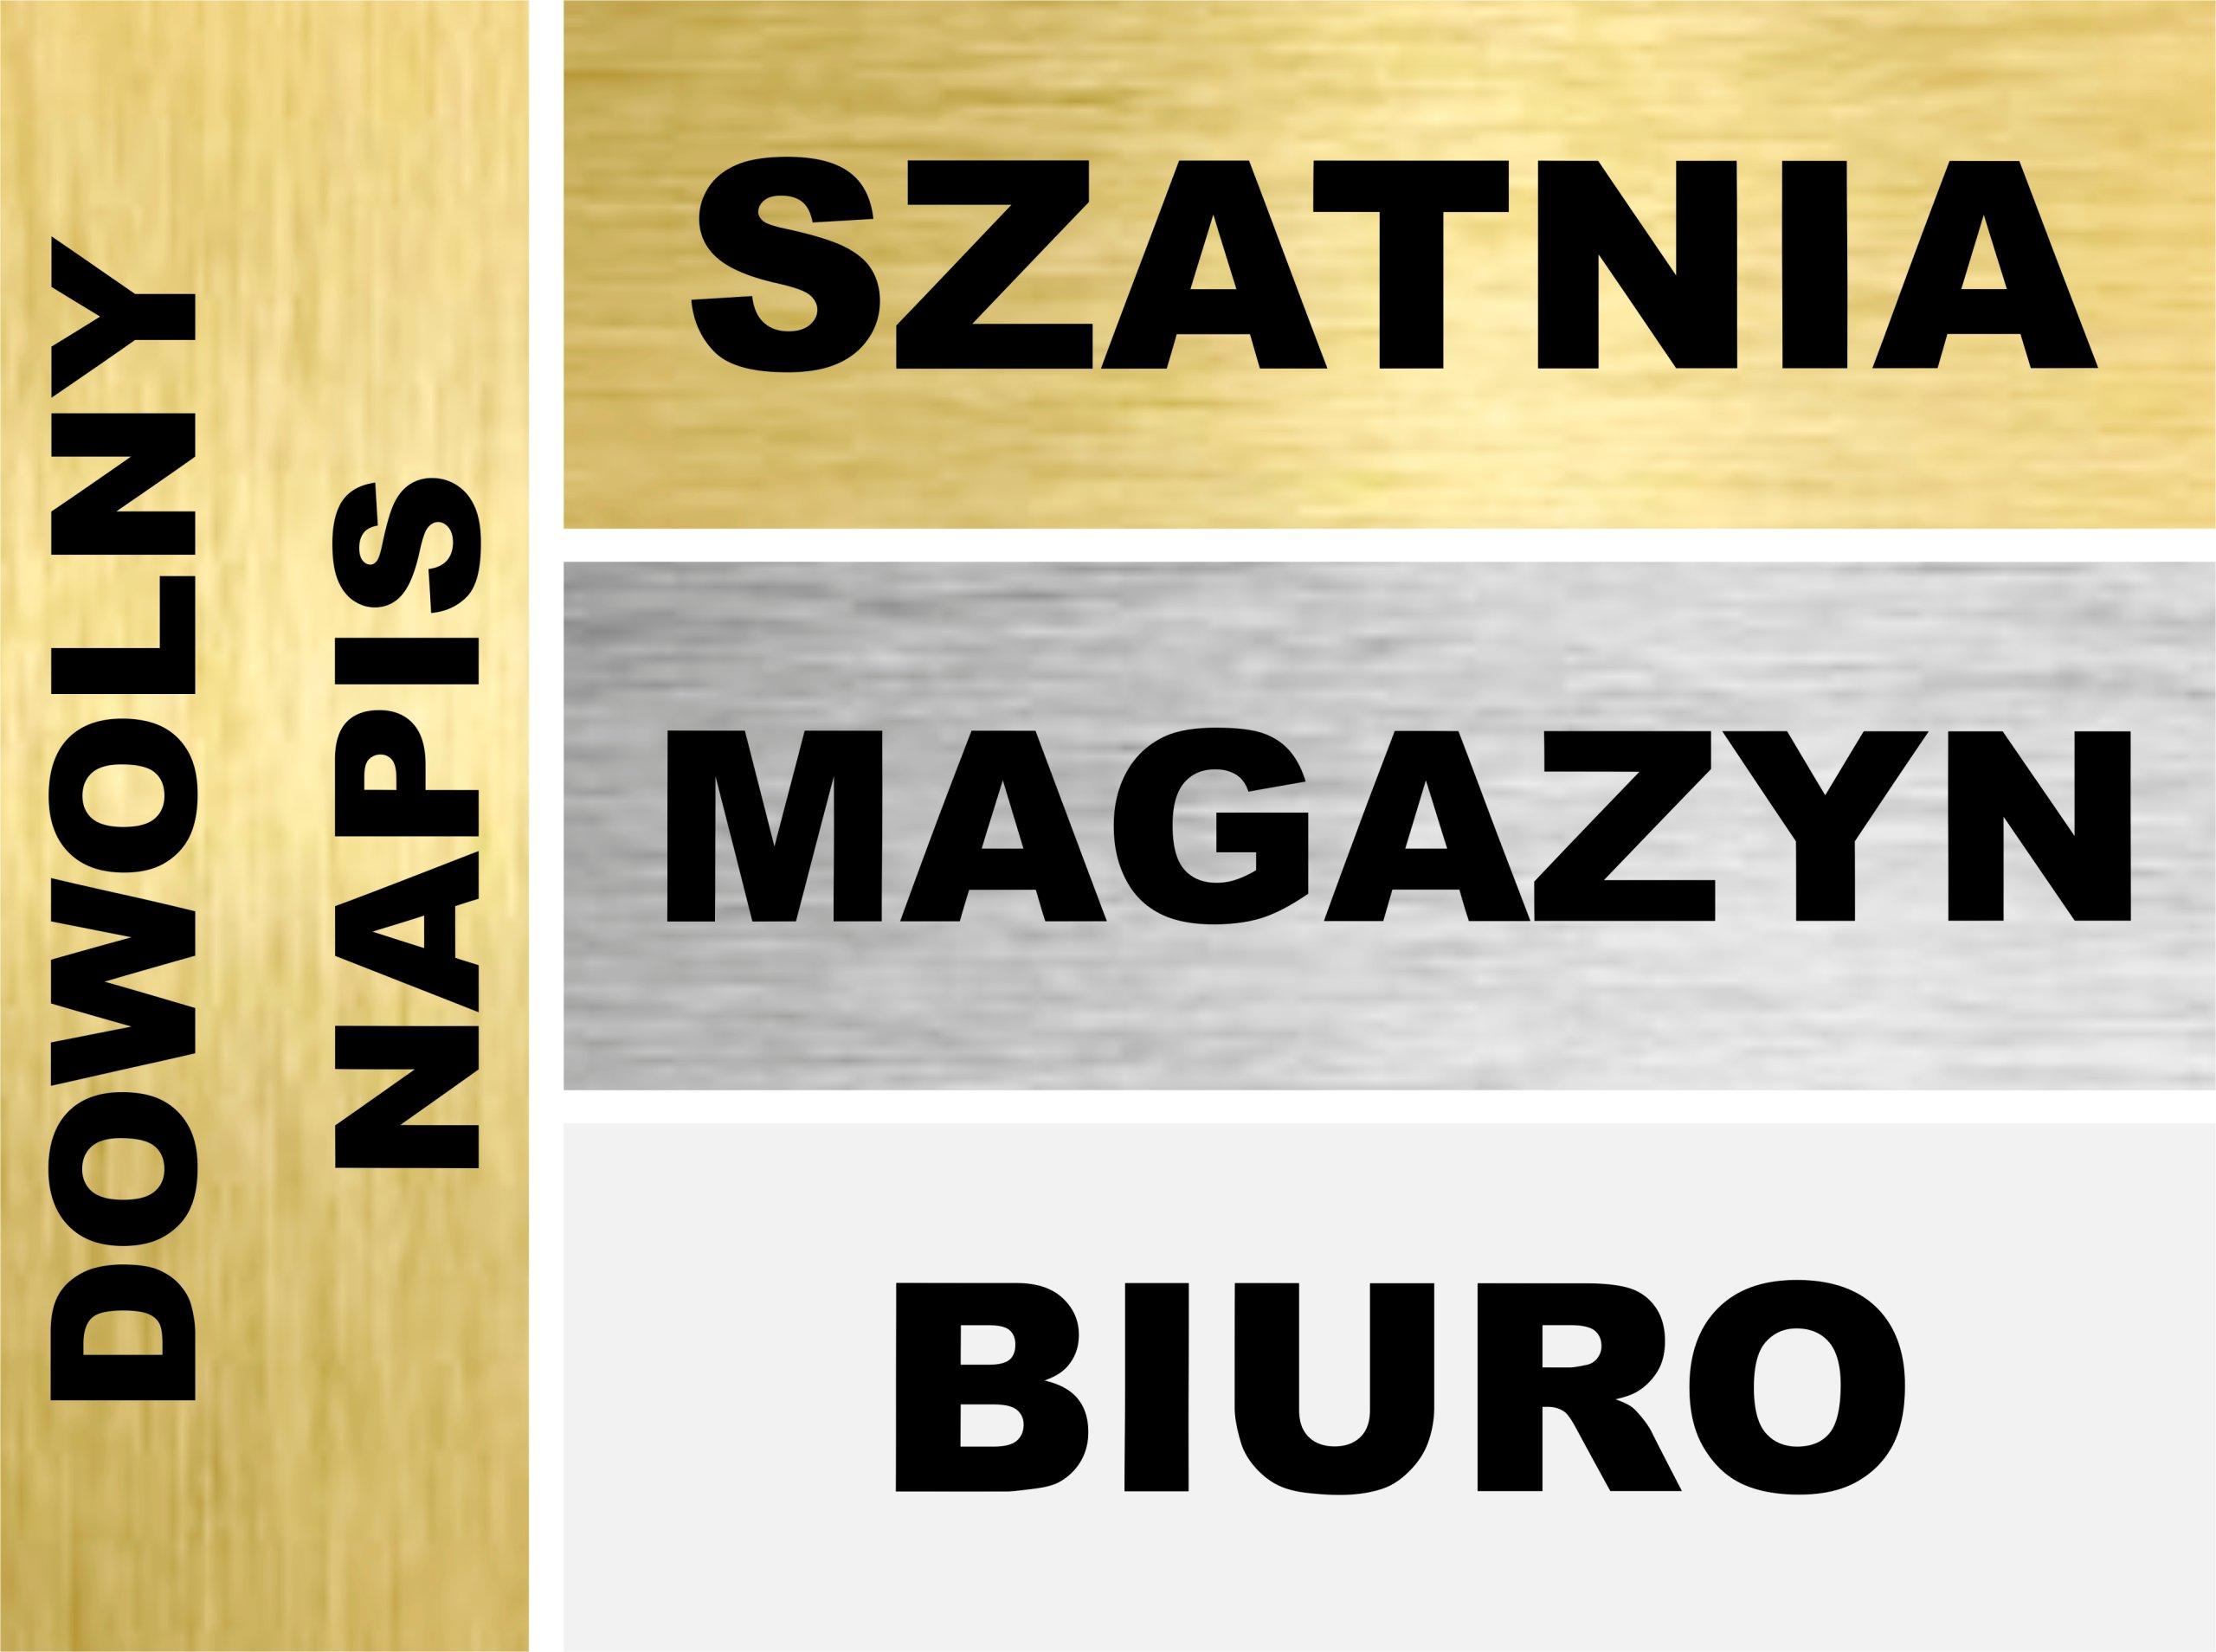 TABLICZKA blaszka znak DOWOLNY NAPIS 20x7 cm